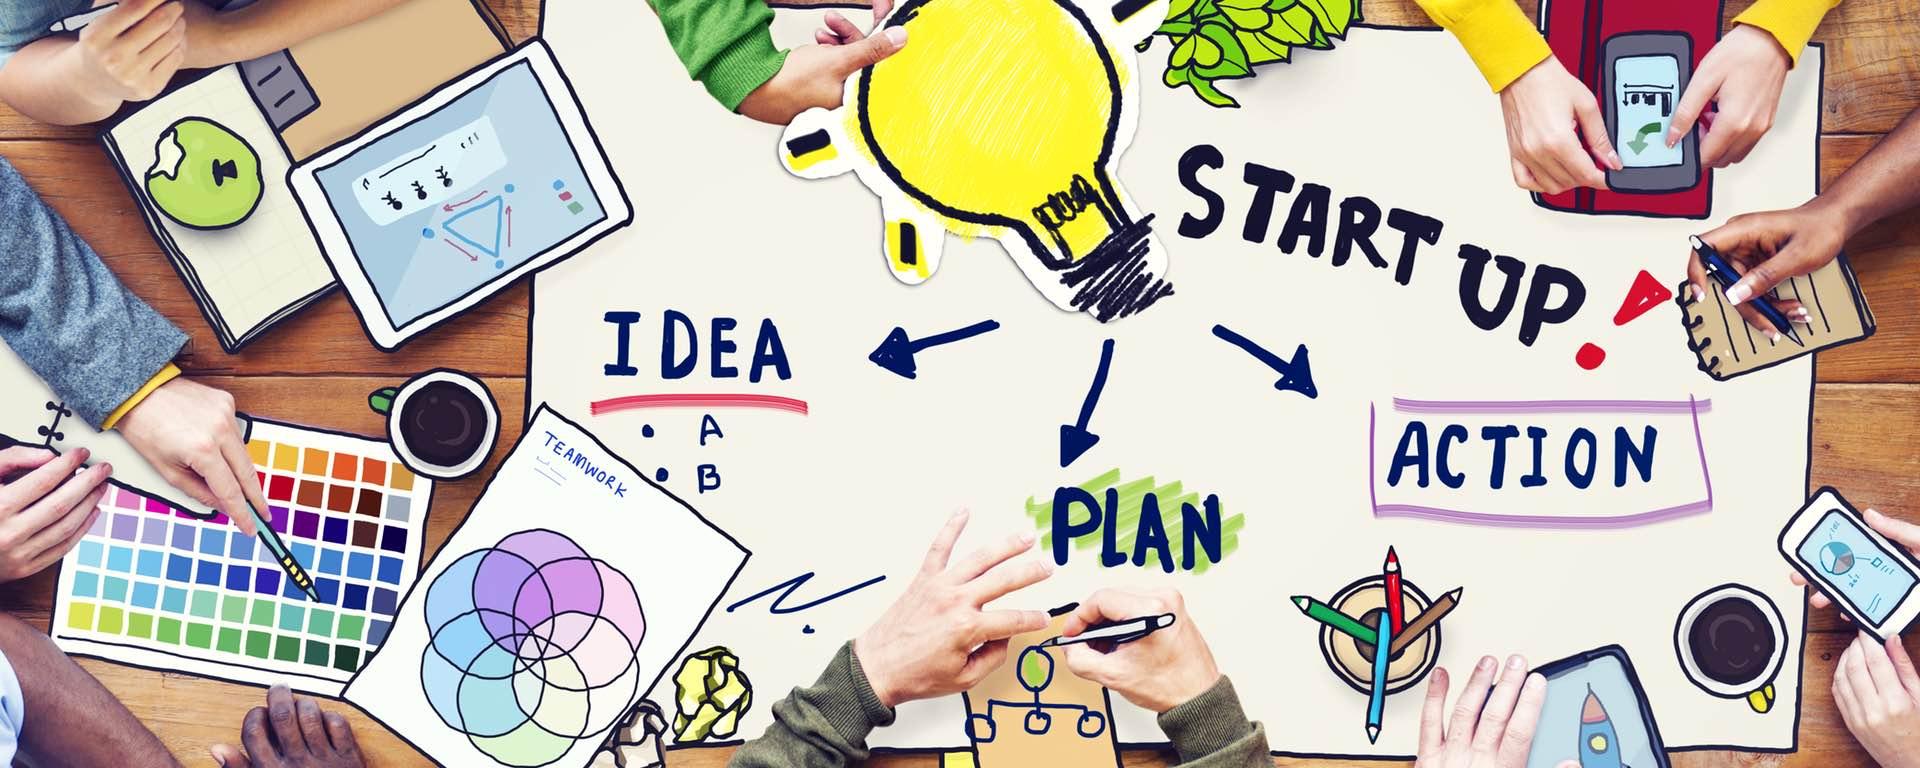 Startup culture